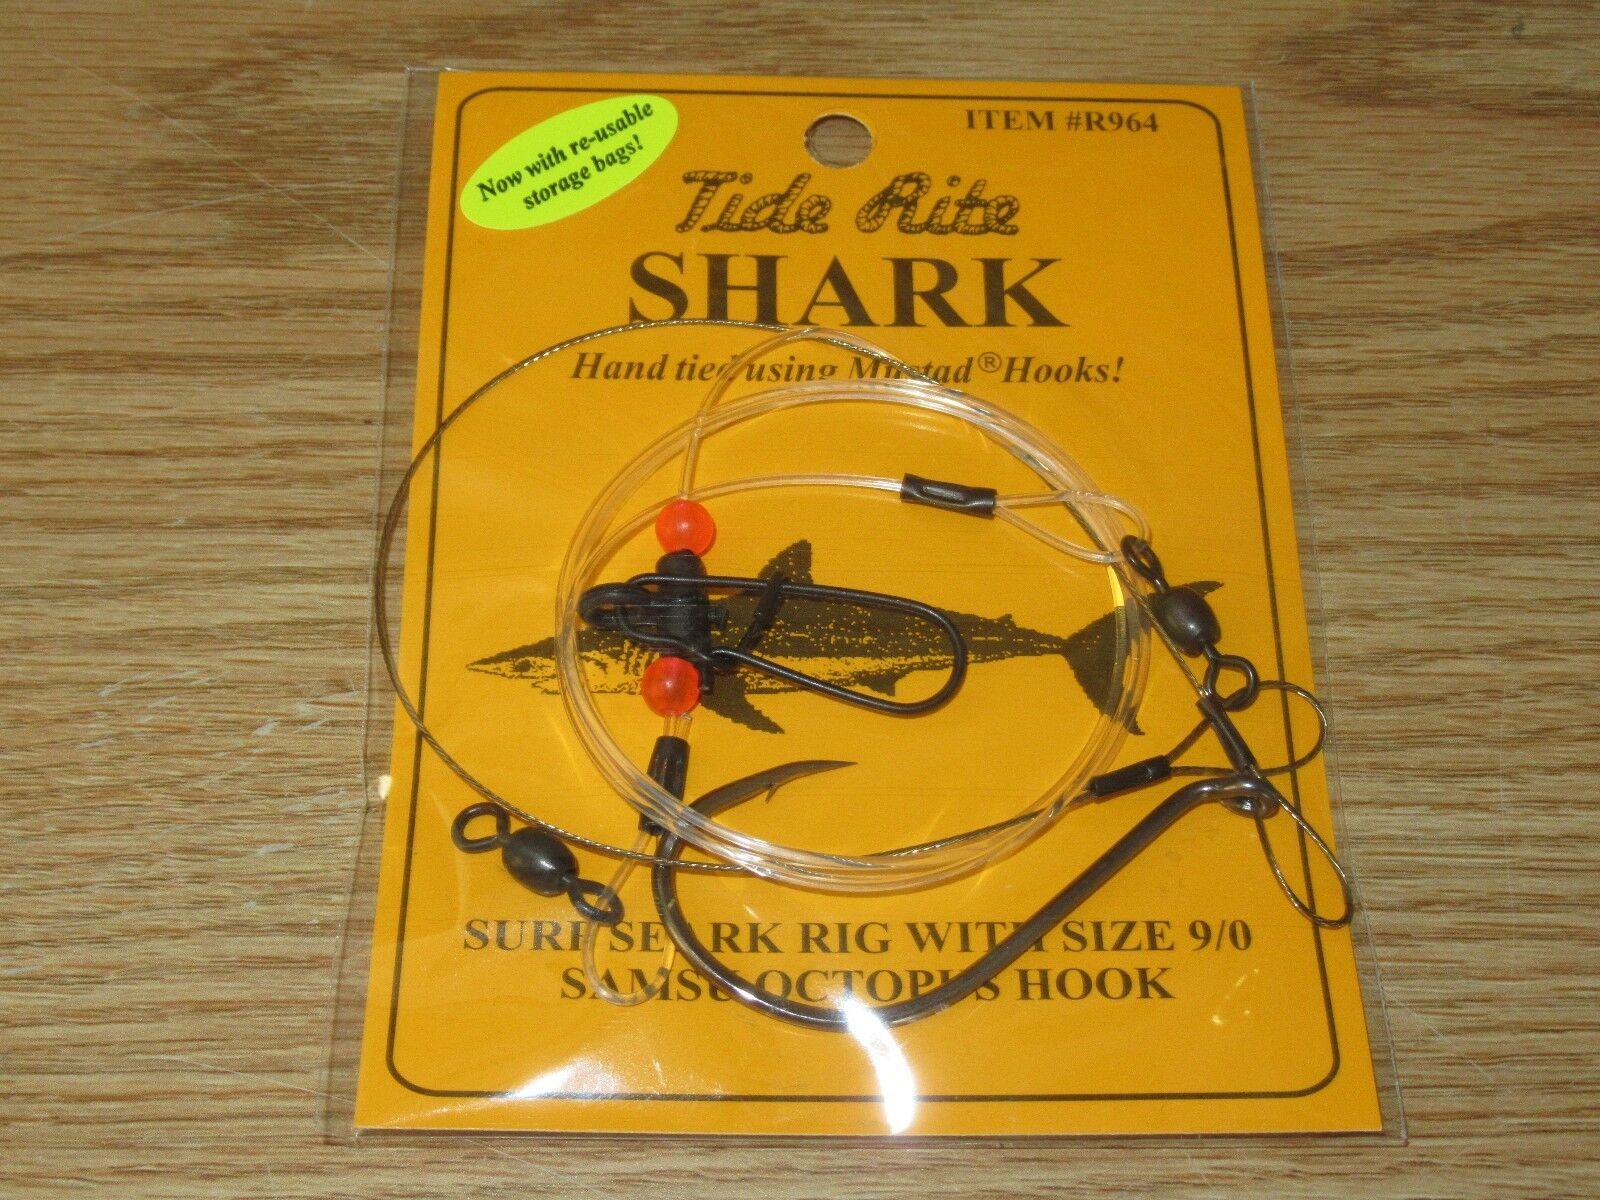 24 SHARK TIDE RITE R964 SURF SHARK OCTOPUS RIGS SALTWATER FISH RIG MUSTAD HOOKS